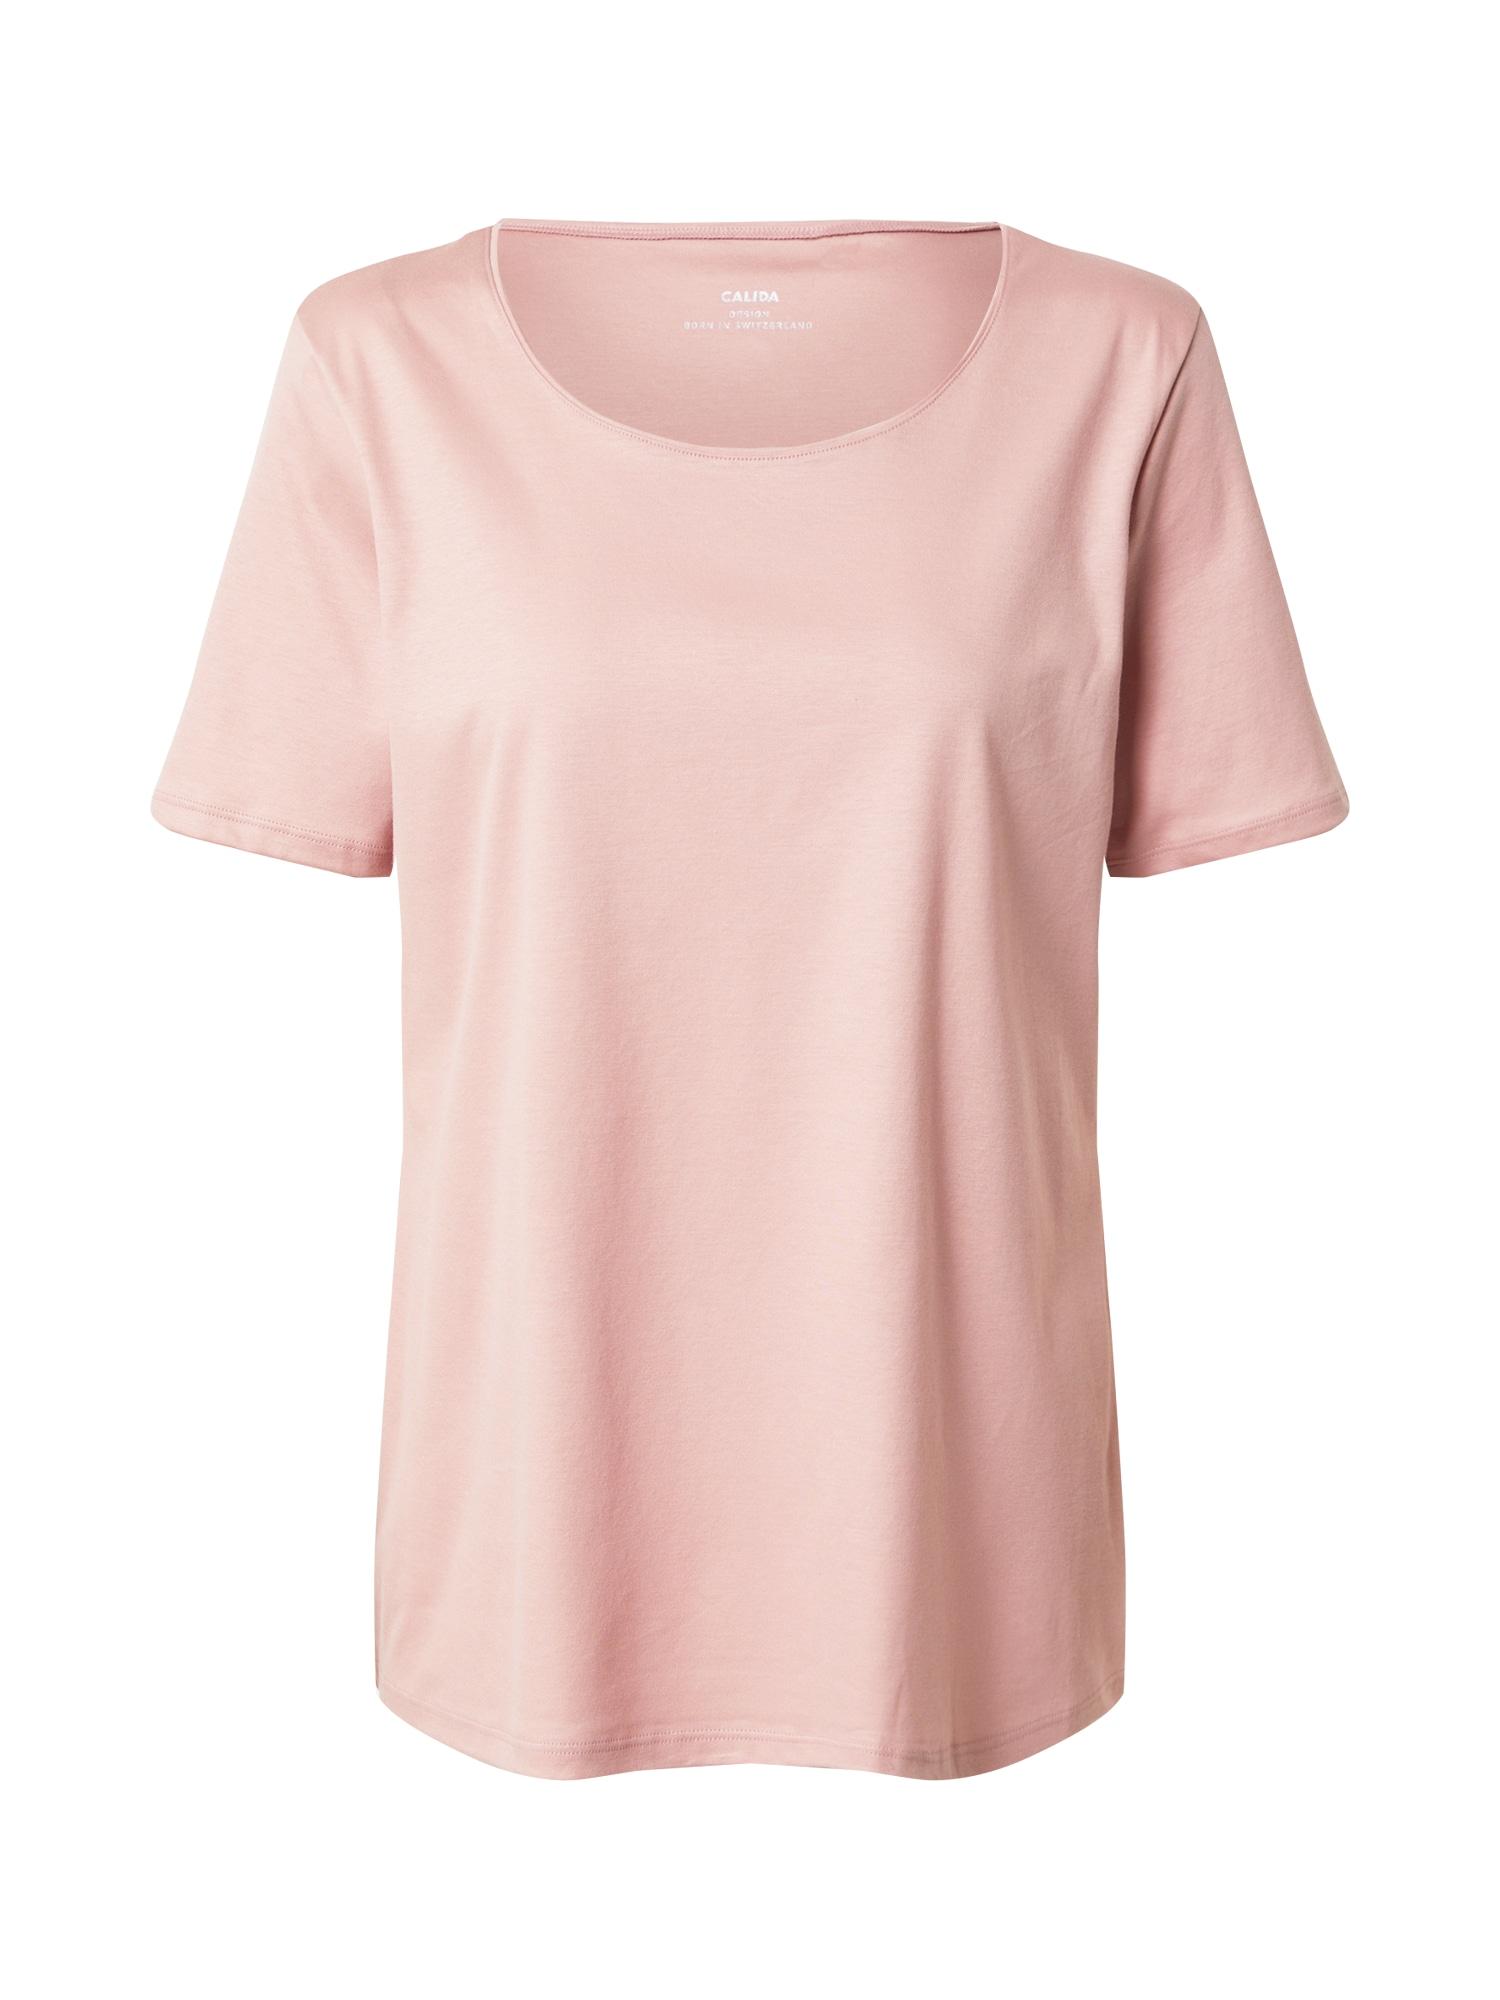 CALIDA Pižaminiai marškinėliai rožių spalva